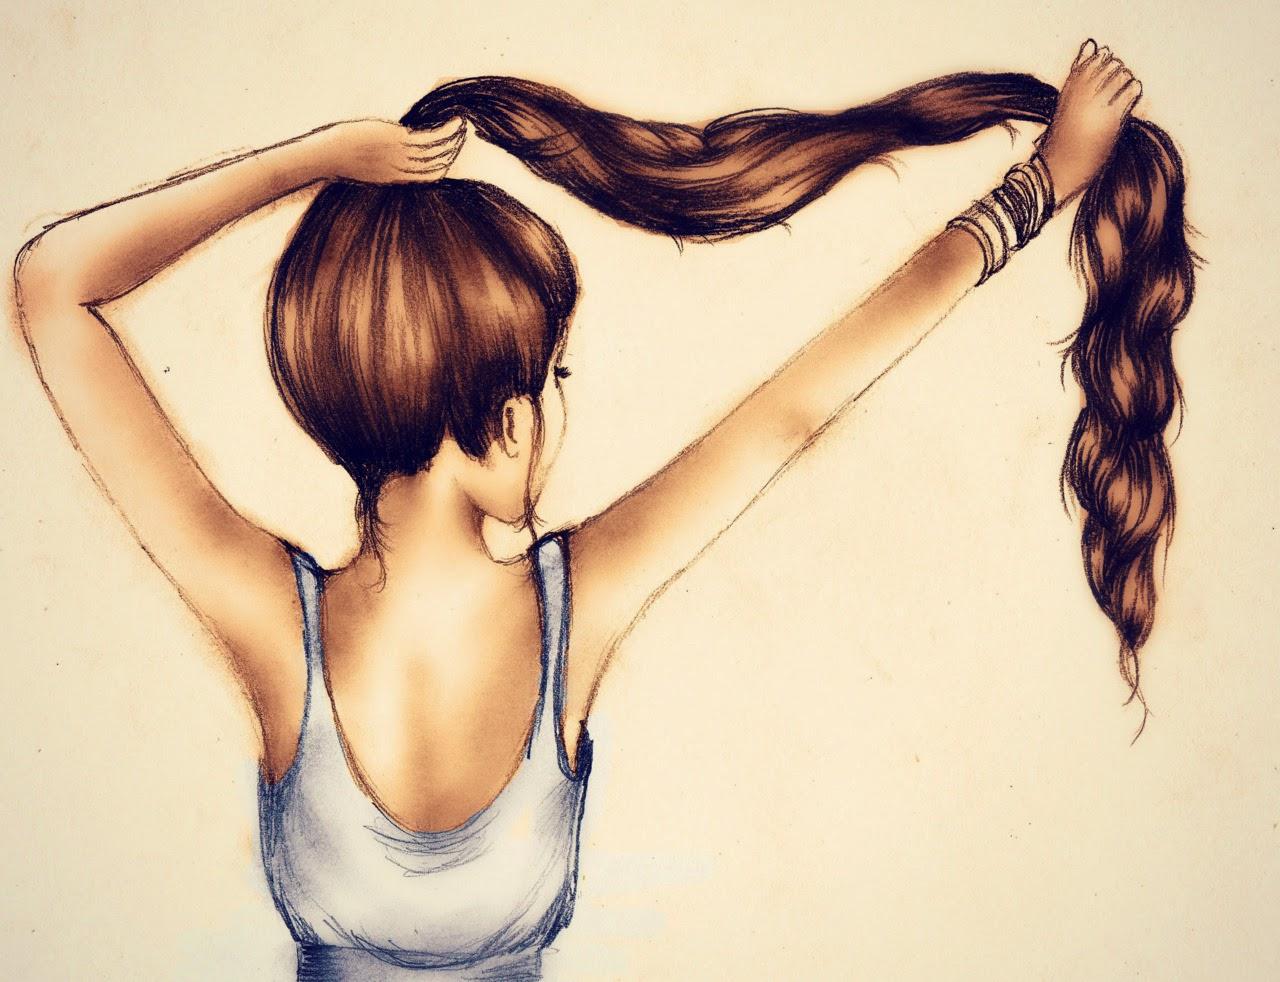 Девушка с длинными волосами рисунок карандашом